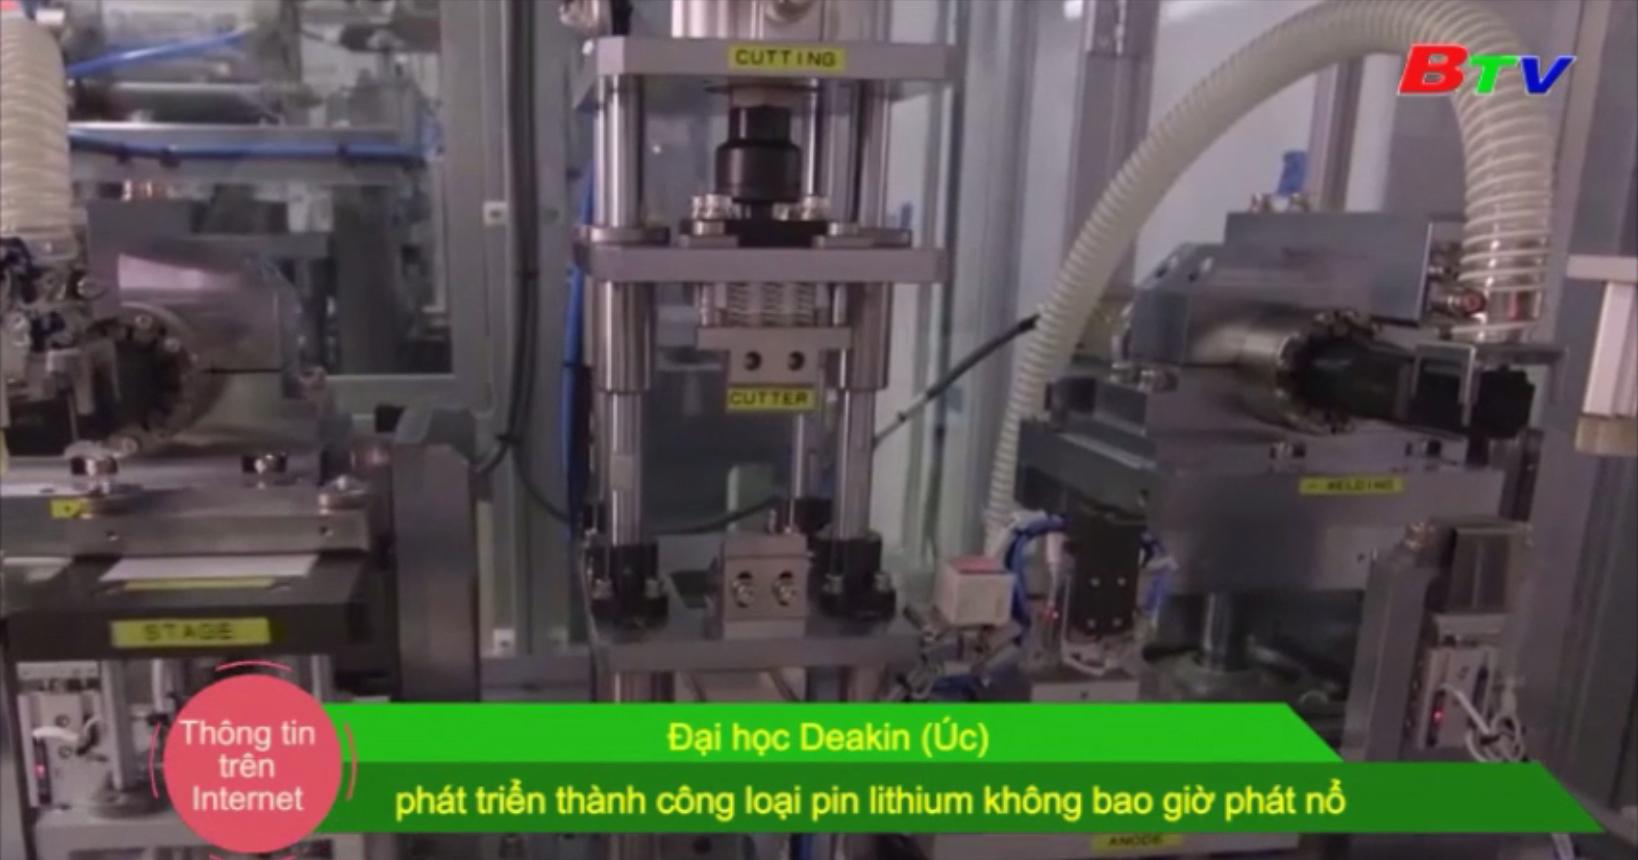 Đại học Deakin (Úc) phát triển thành công loại pin lithium không bao giờ phát nổ